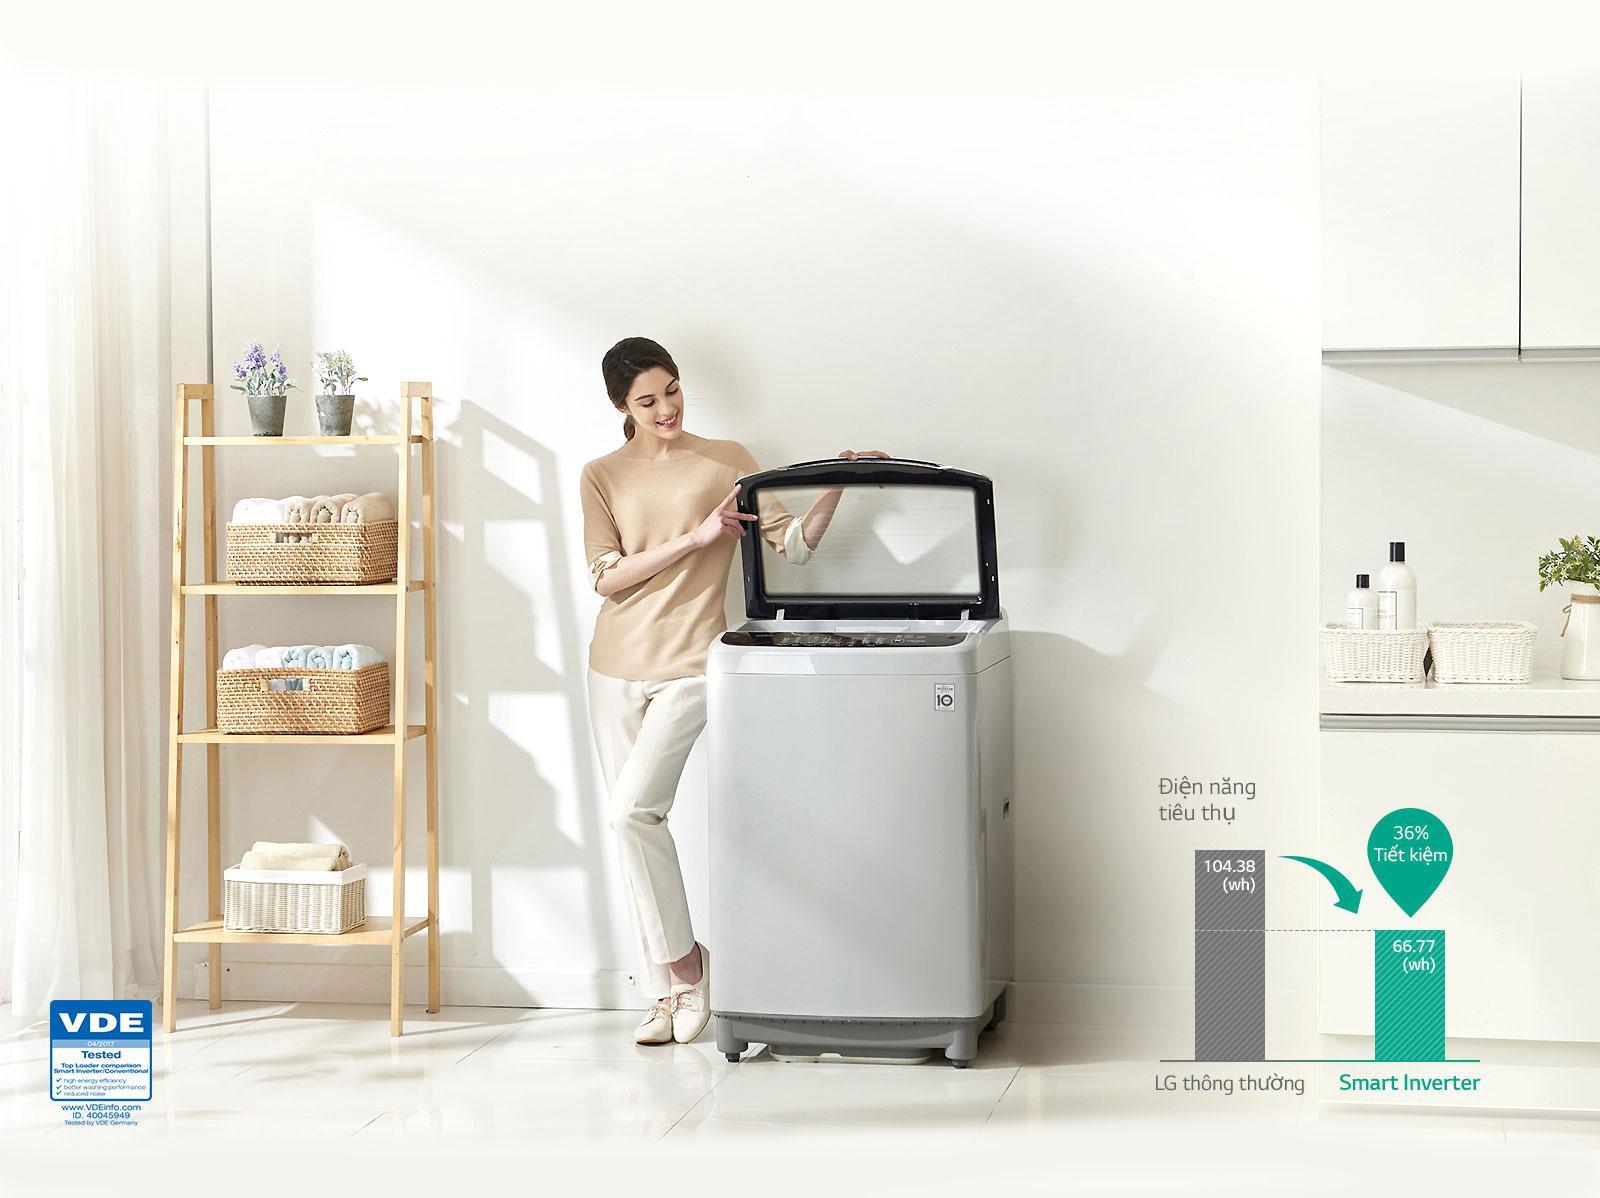 Tiết kiệm năng lượng với công nghệ Smart Inverter1